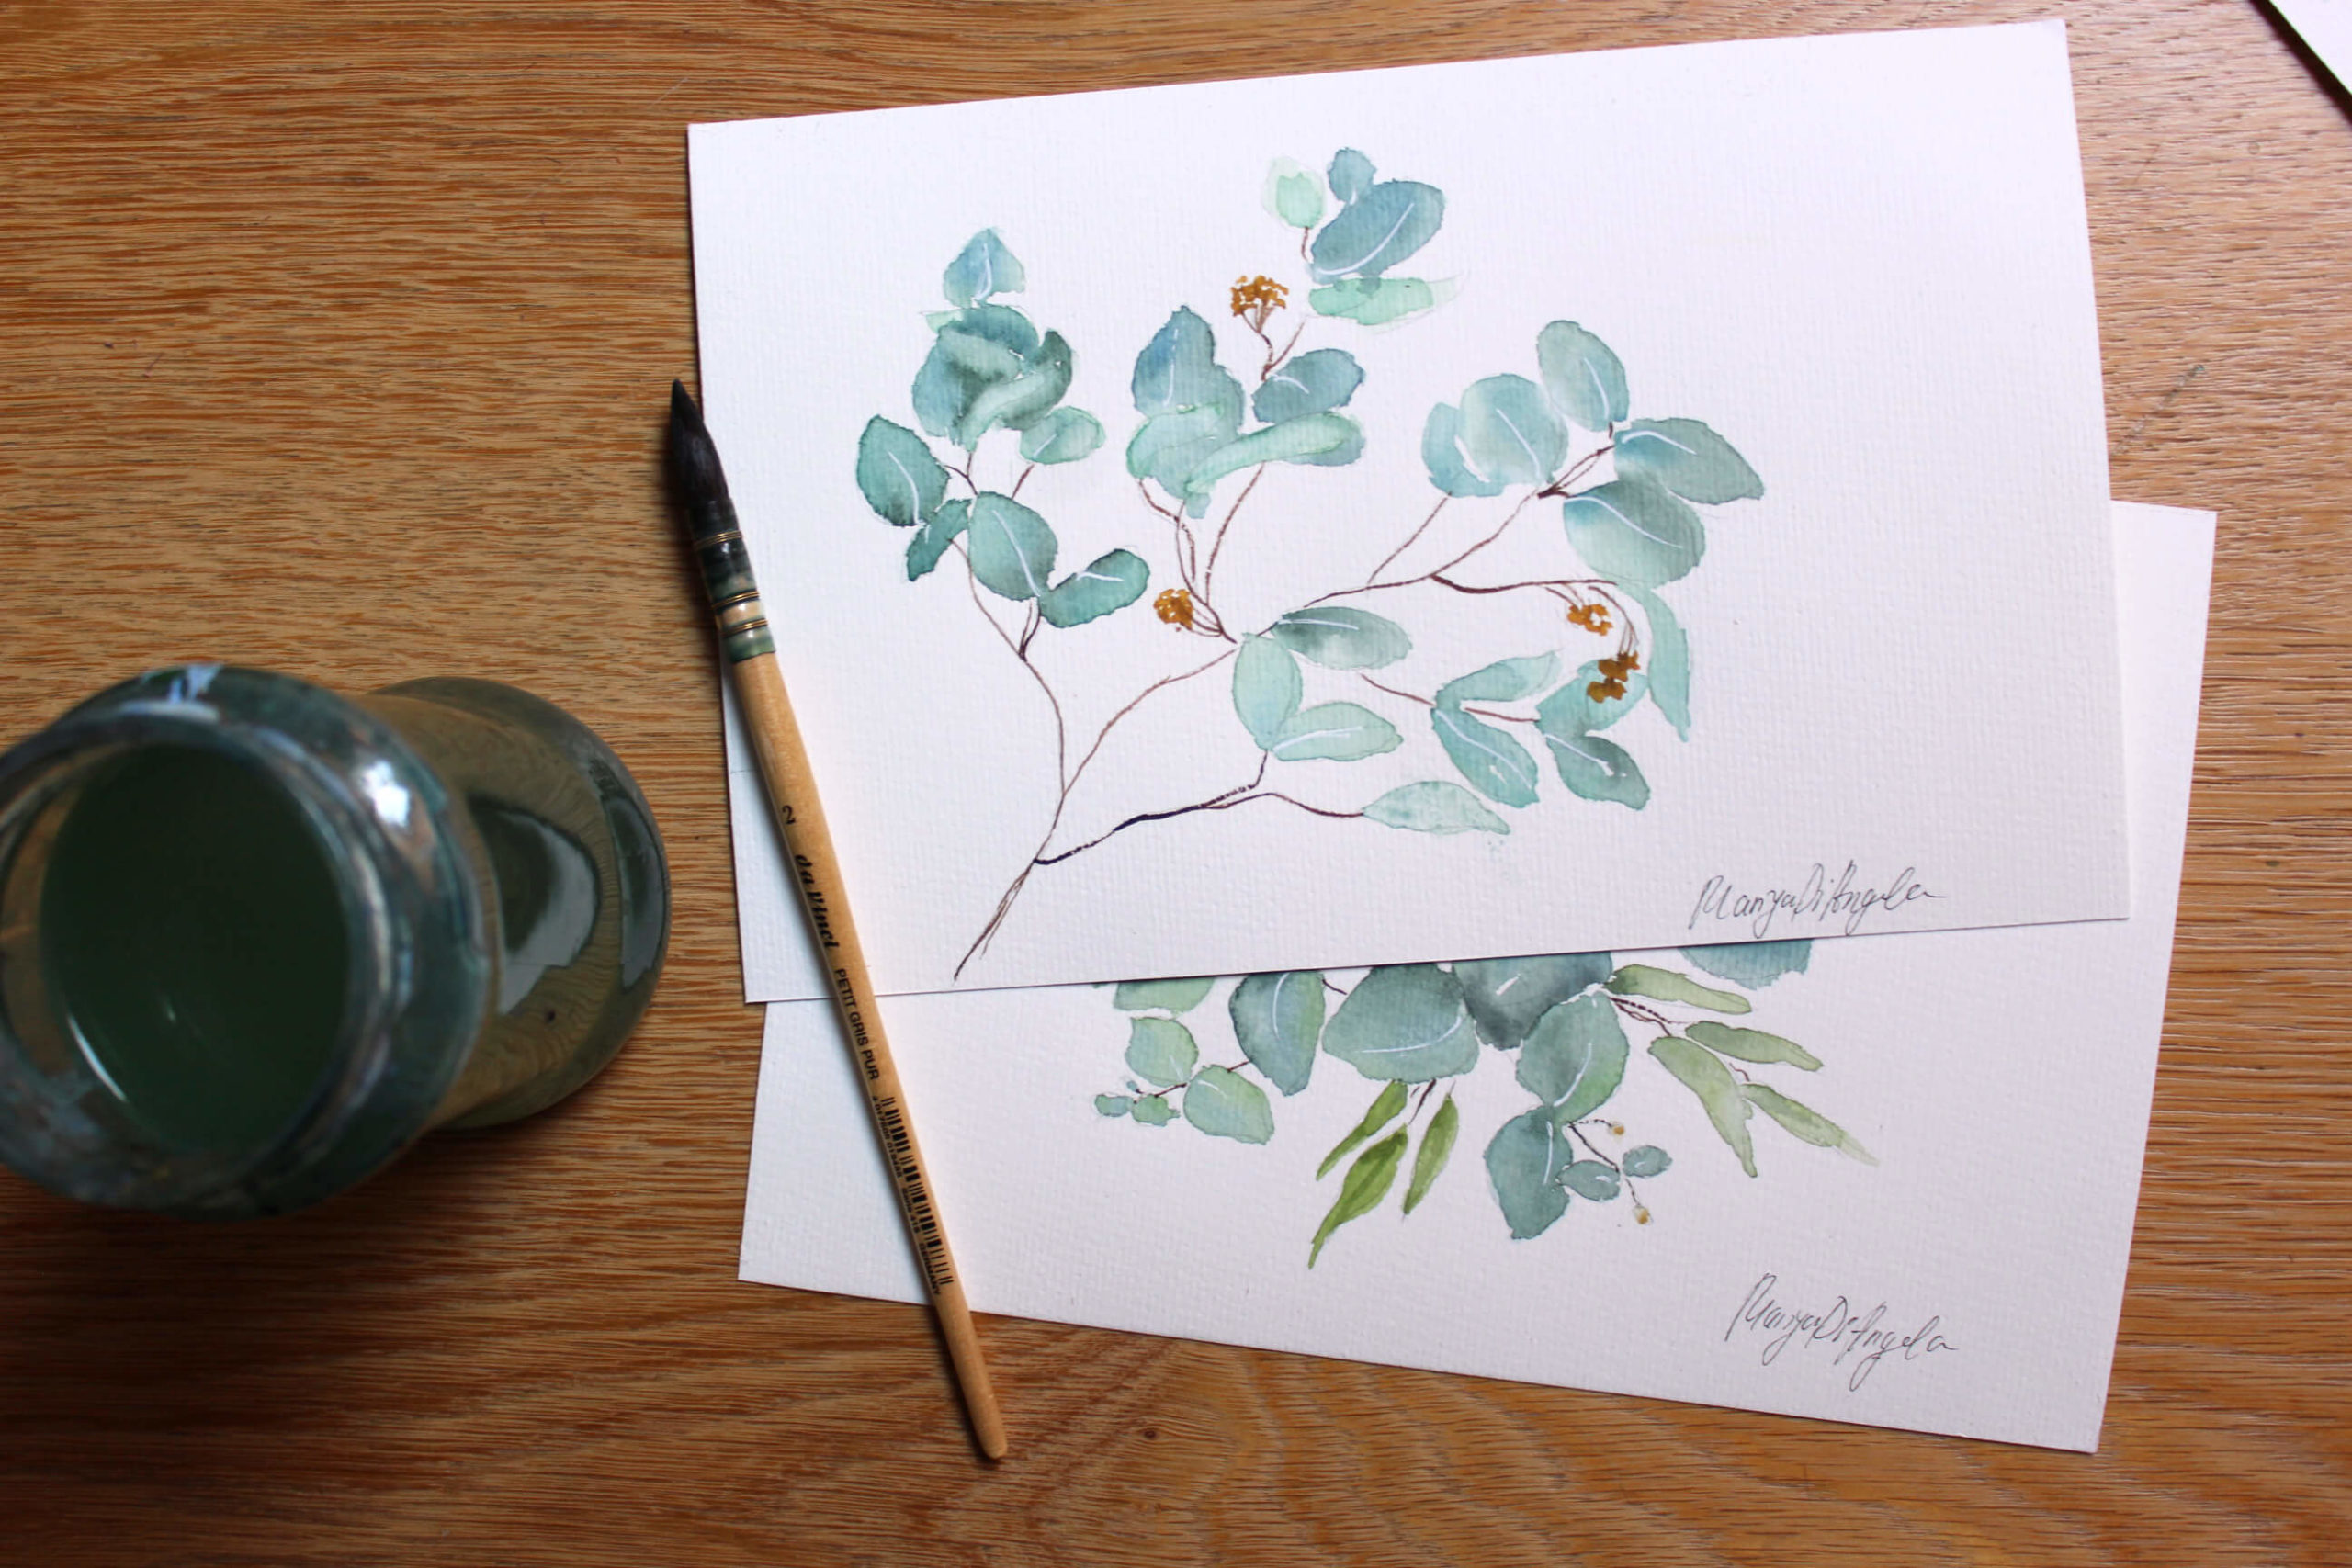 Aquarell malen lernen: Videoanleitung Eukalyptuszweig